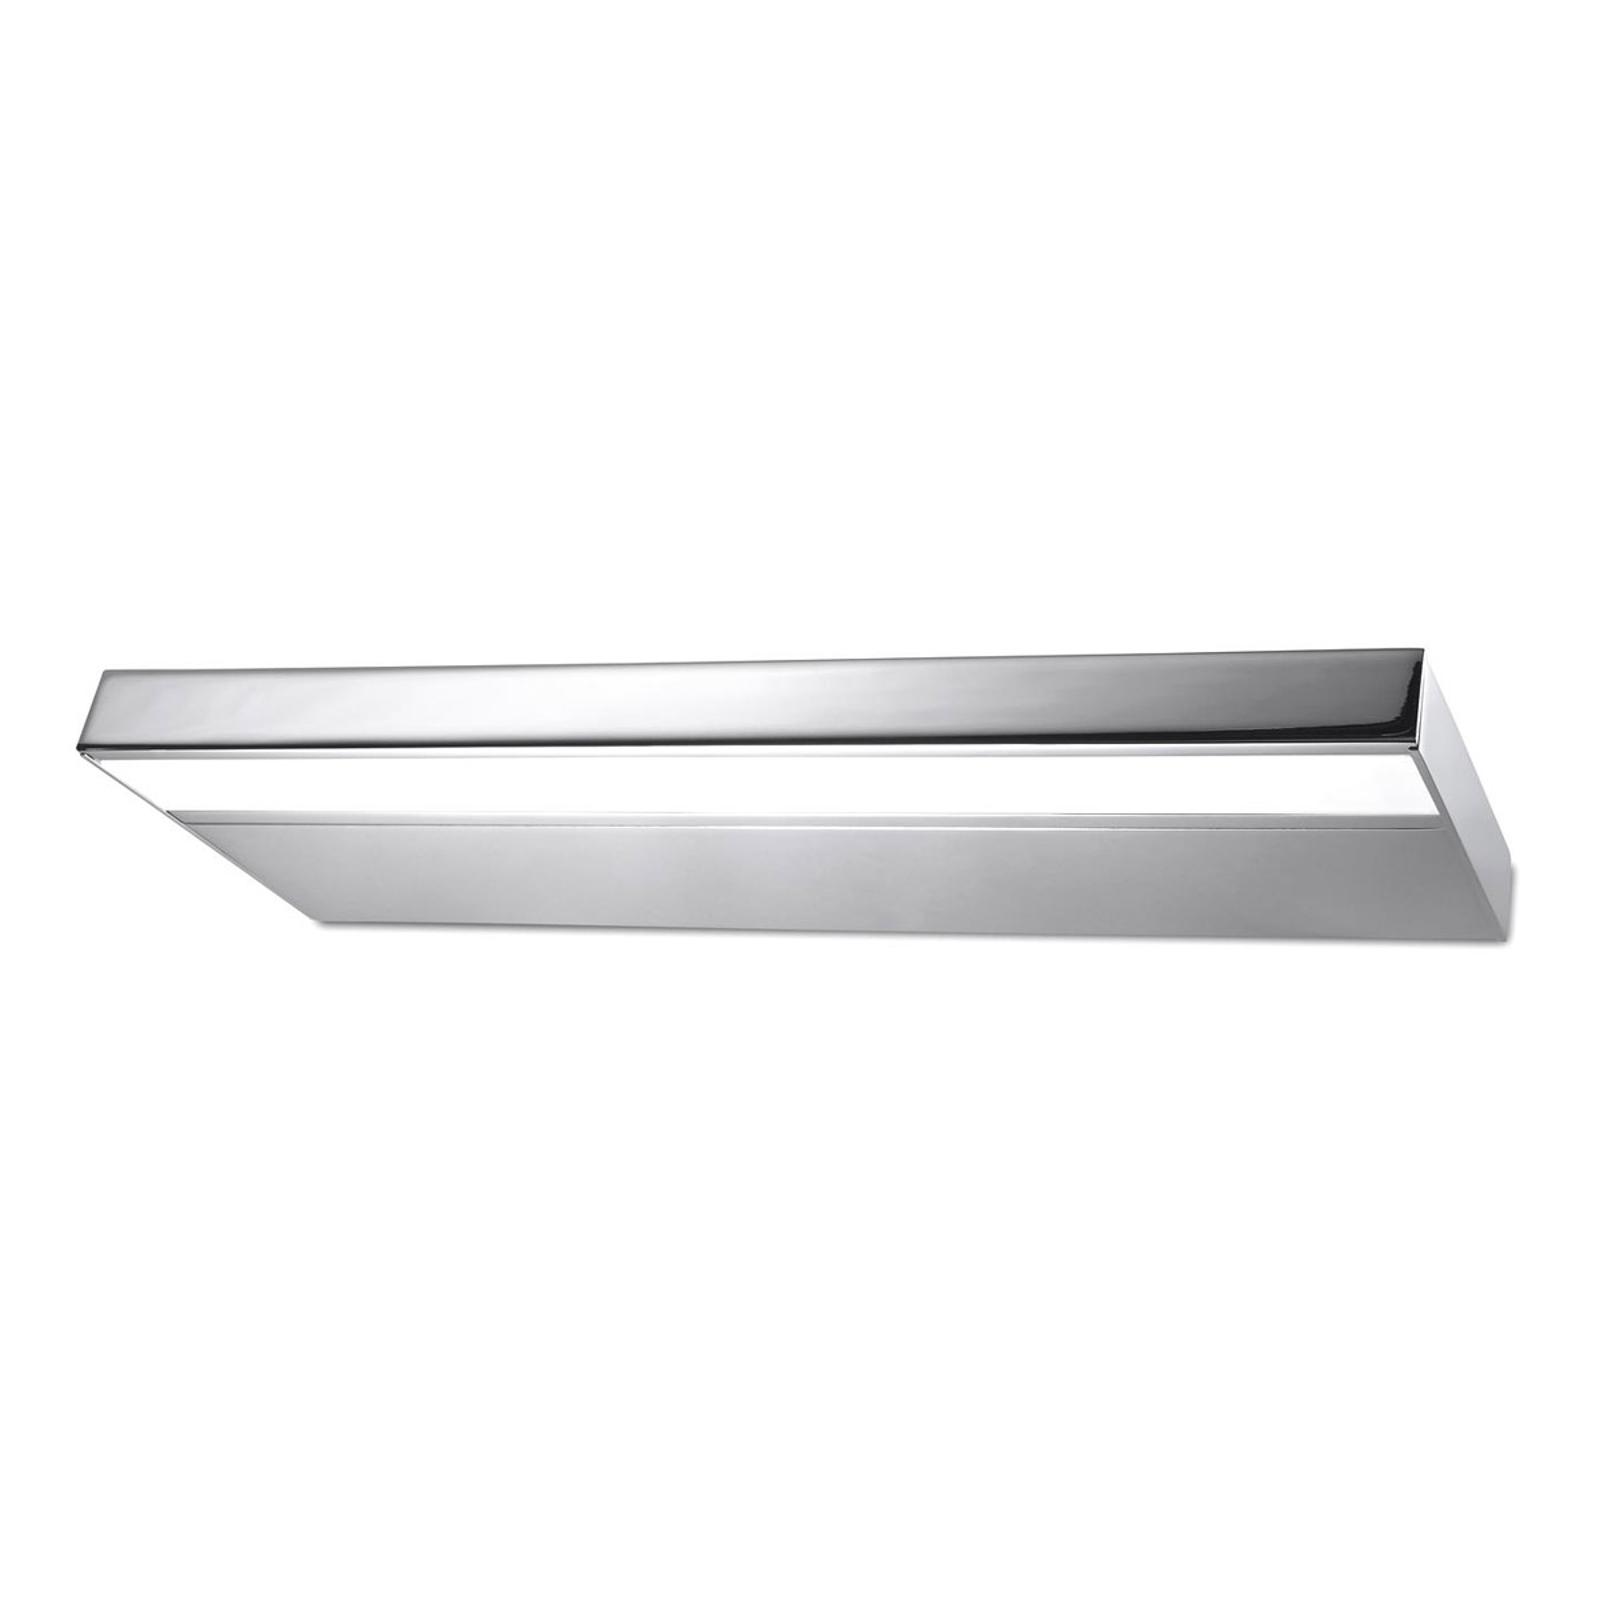 Applique salle de bain LED Prim IP20 60cm, chromé